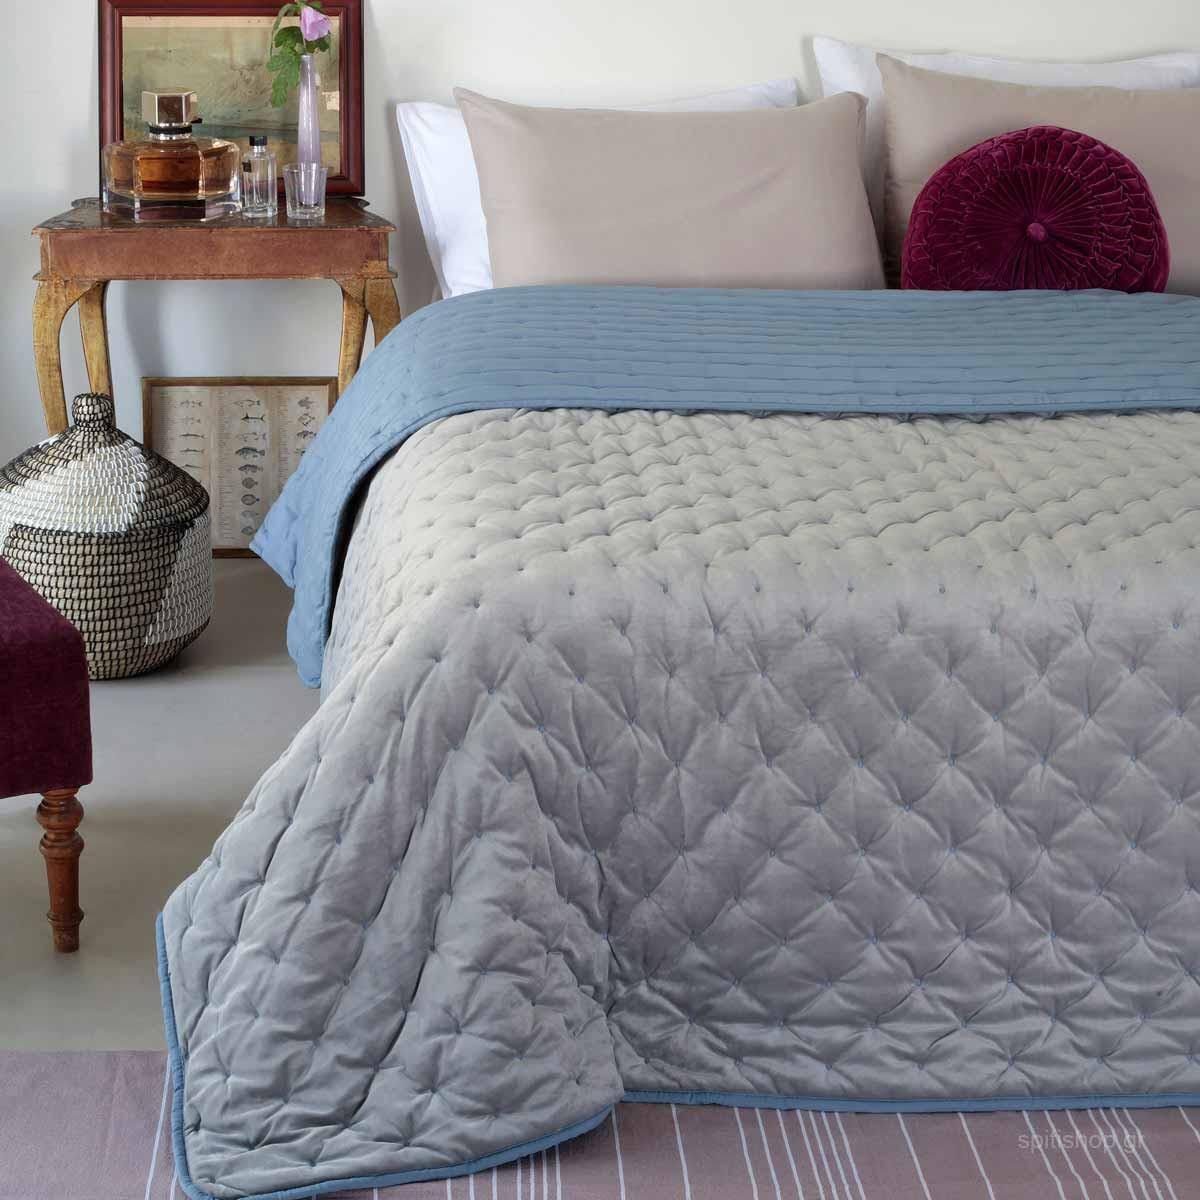 Κουβερτοπάπλωμα Μονό Melinen Lush Silver home   κρεβατοκάμαρα   παπλώματα   κουβερτοπαπλώματα